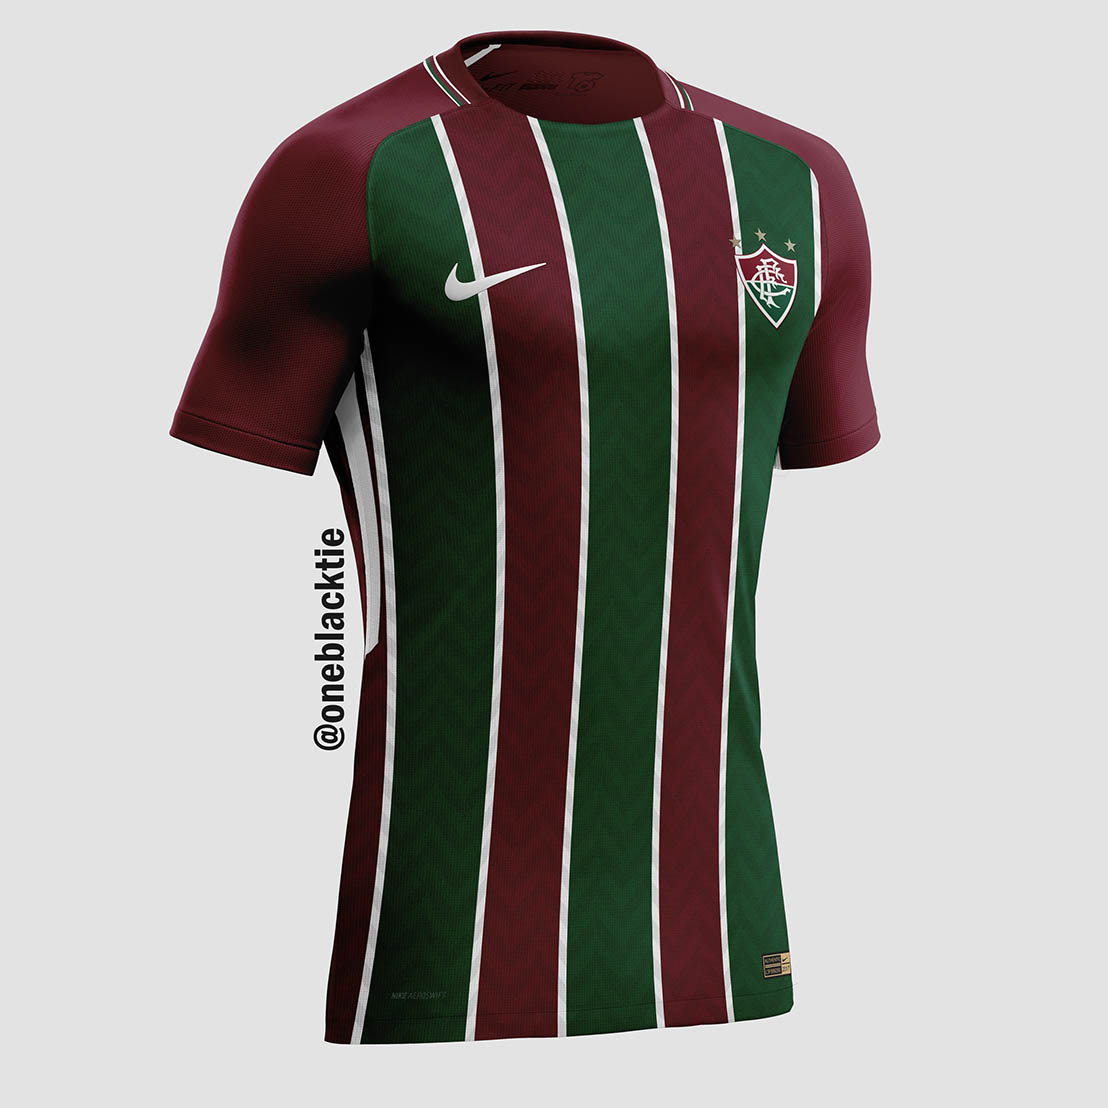 ea3b34f3c5 Designer cria camisas de clubes brasileiros inspiradas na Nike - Parte 02